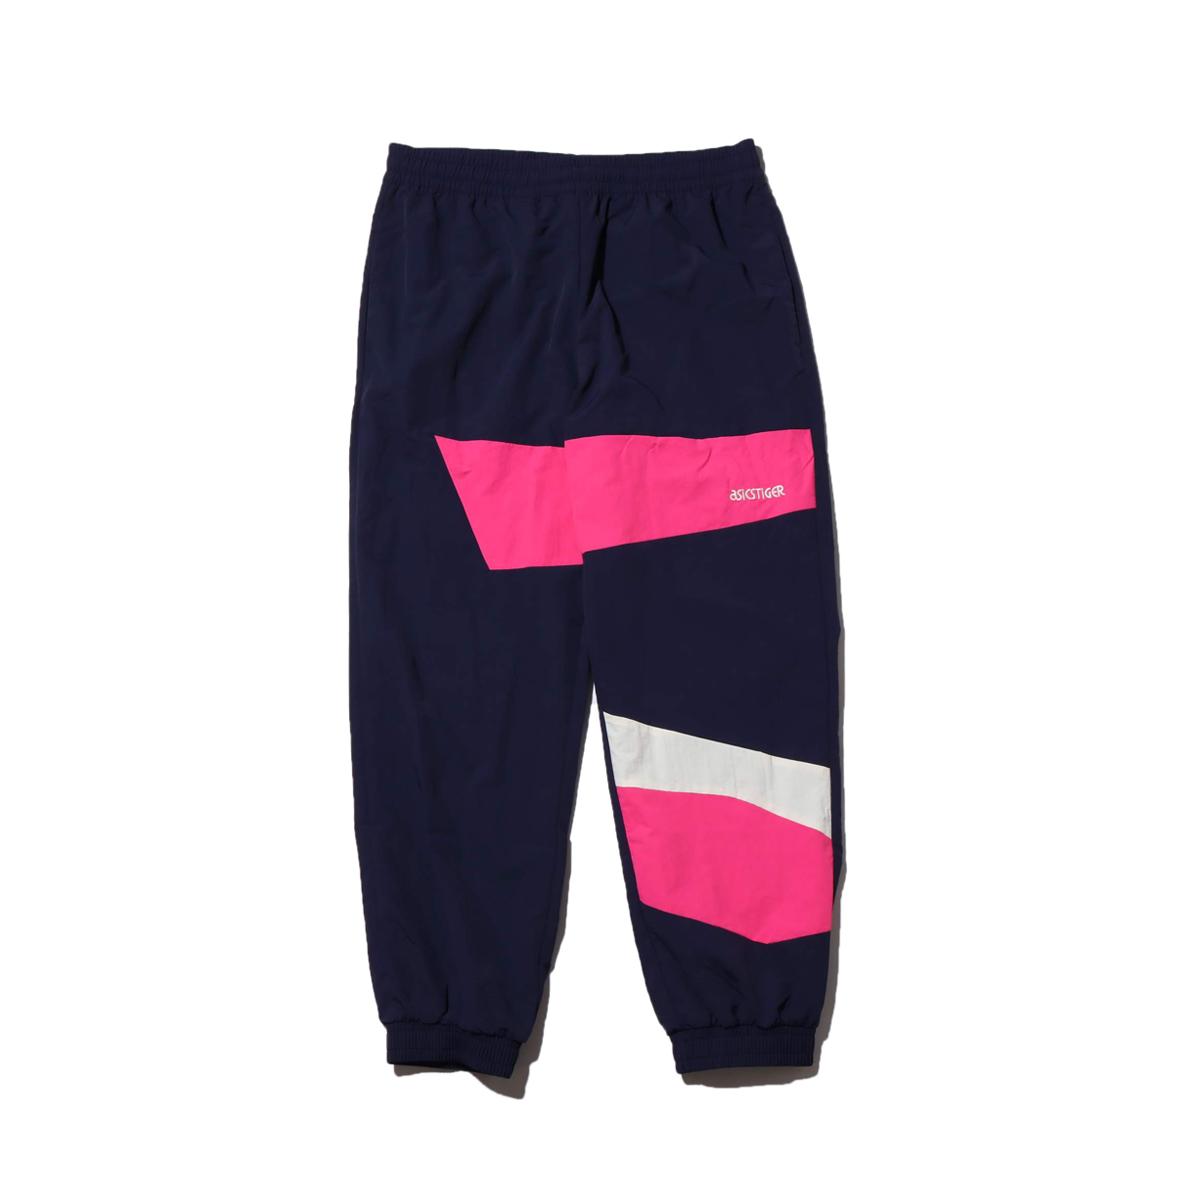 ASICSTIGER CB Woven Track Pants(アシックスタイガー CB ウーブン トラック パンツ)PEACOAT【メンズ レディース パンツ】18FW-I